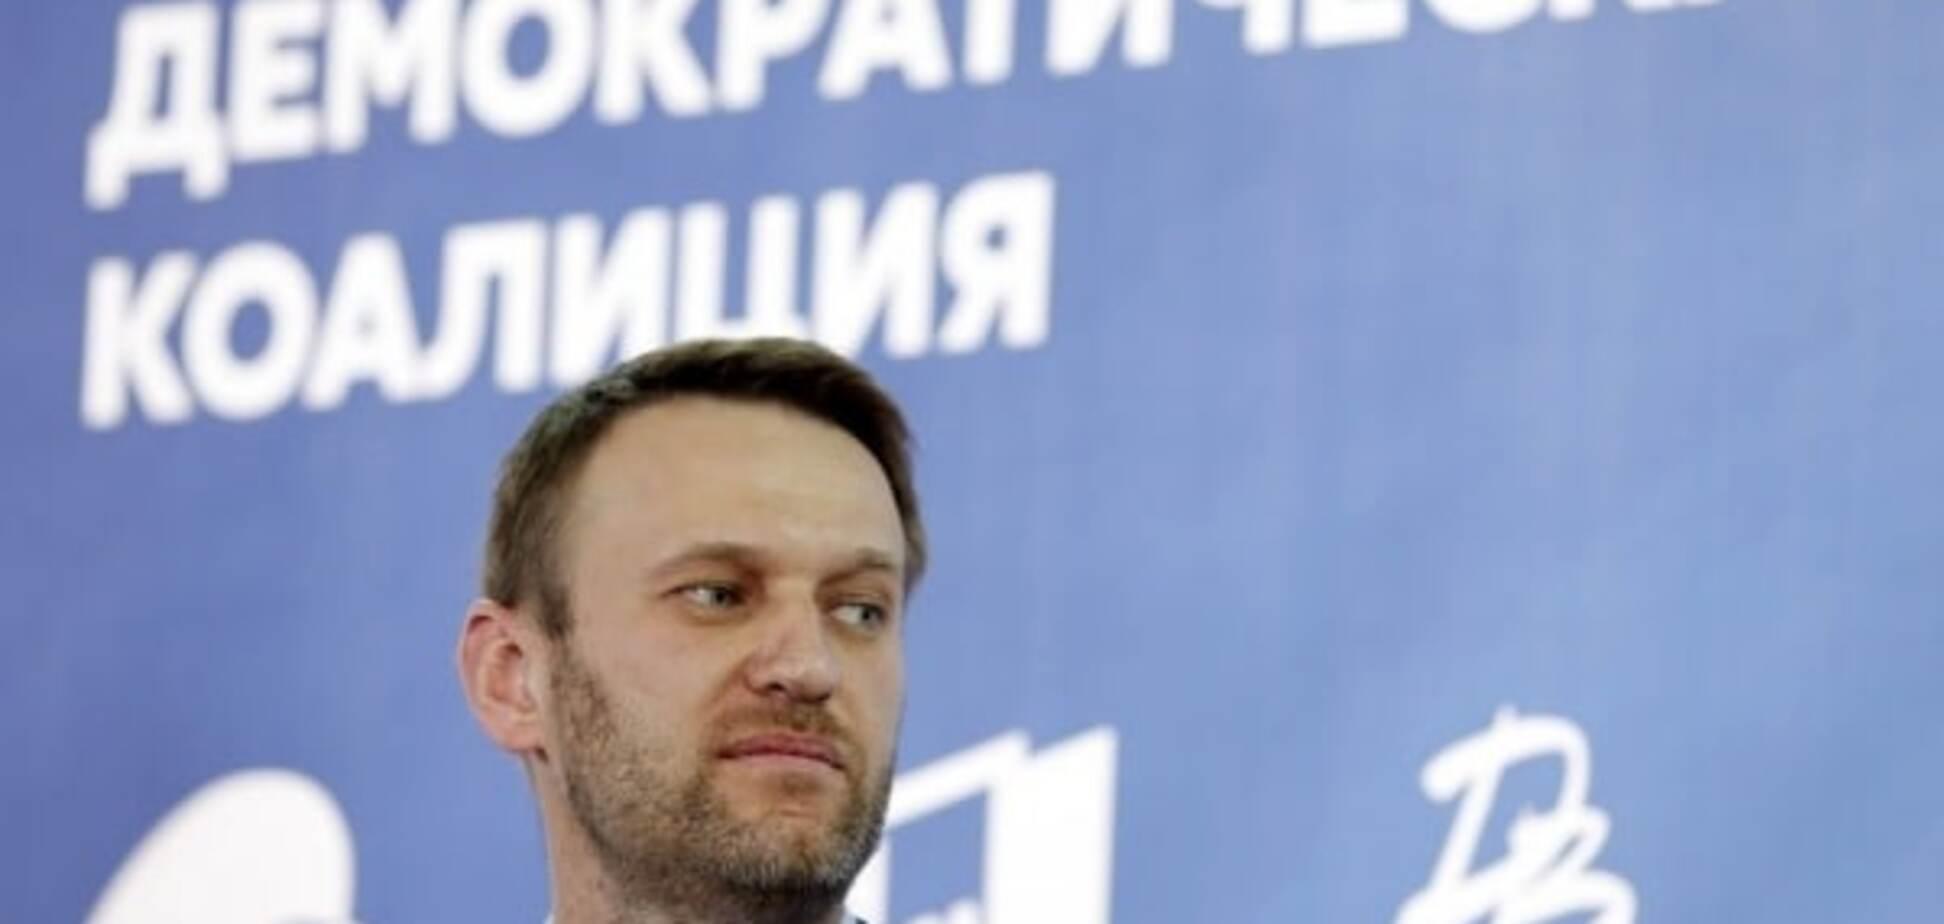 Почему не нужно плакать по 'Демкоалиции' в России